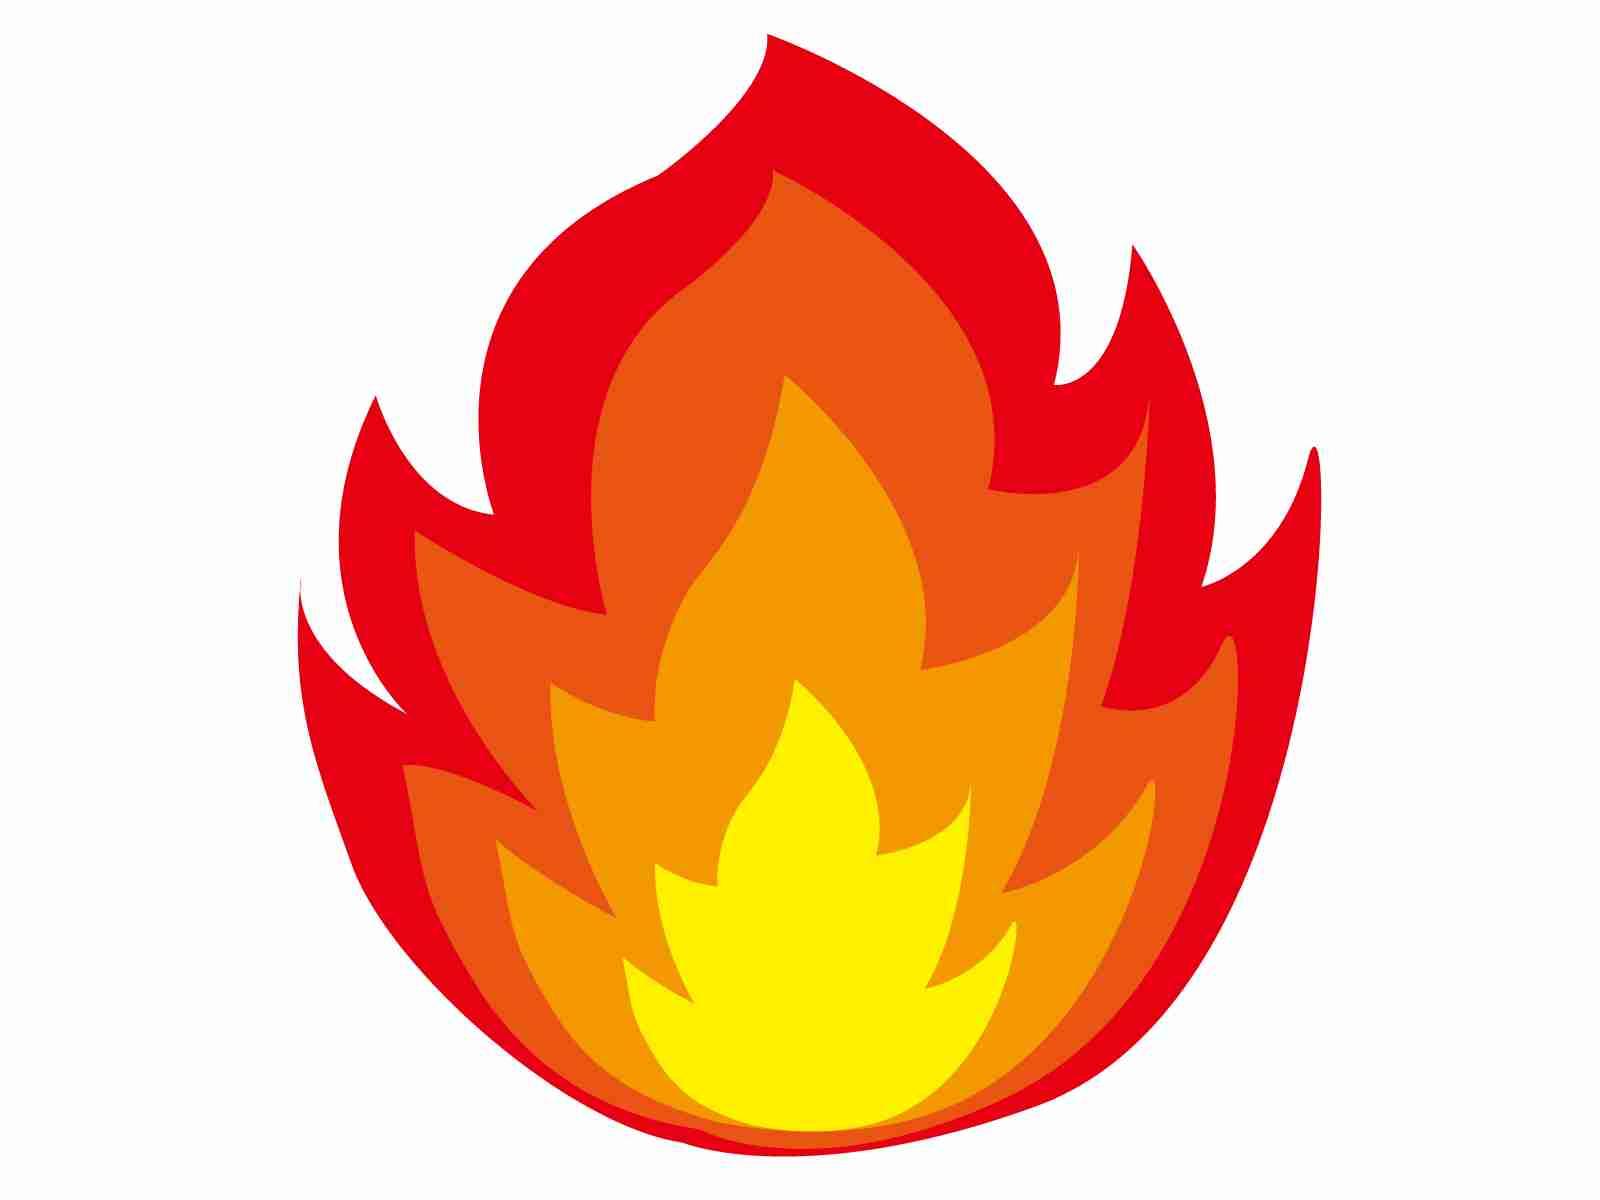 「調理器具を火にかけたあと外出し、火事になった」 そば店が全焼・長野県